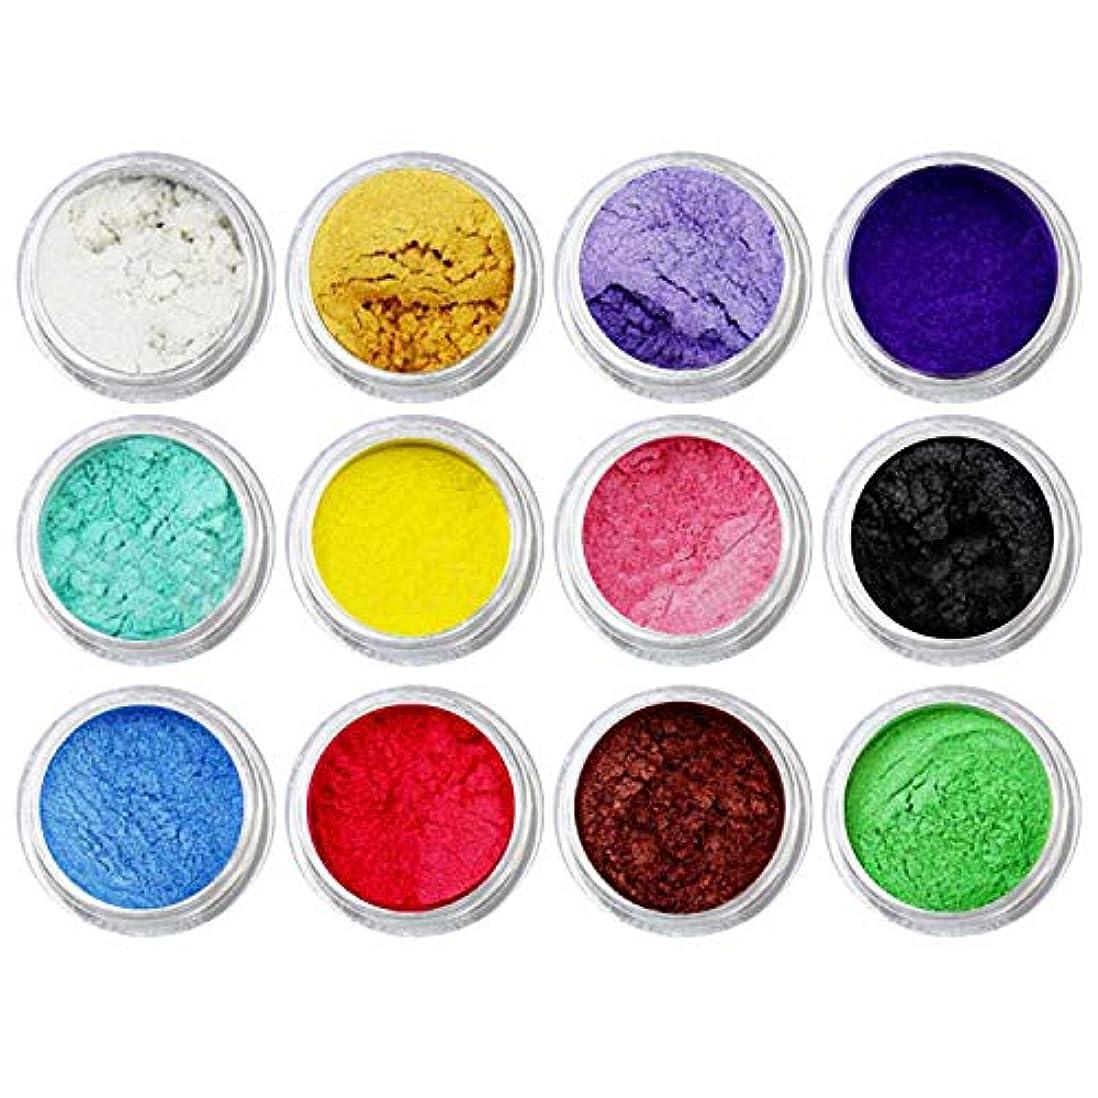 ポスター代数ナチュラルDIYネイルアートクラフトプロジェクトスライム作り用品のための12個混合色着色顔料マイカパールパウダー